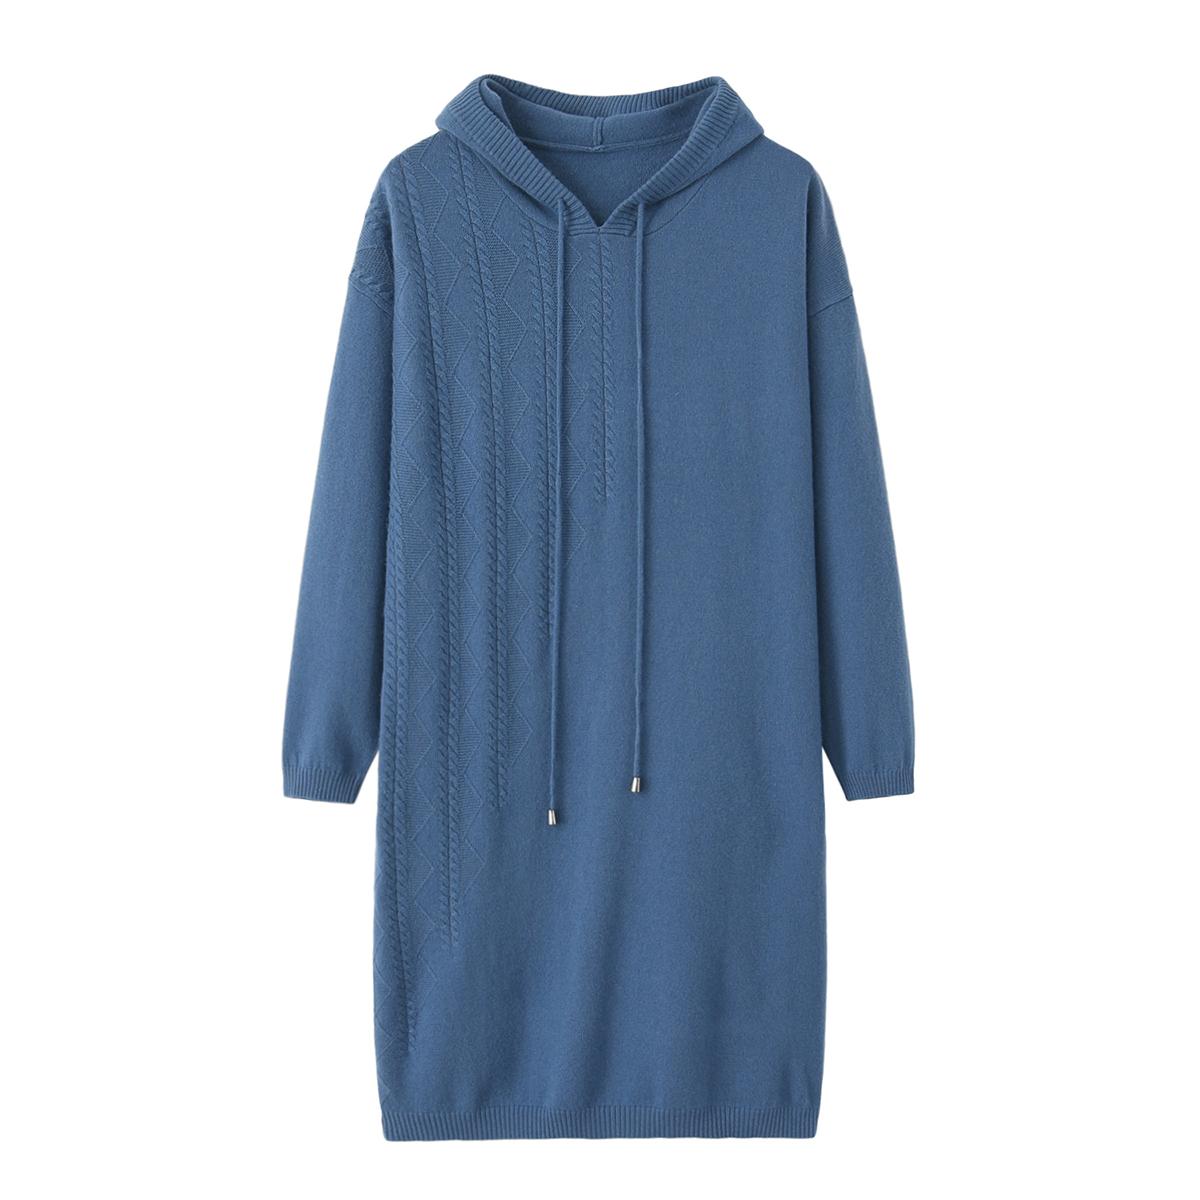 羊绒衫女式连帽针织衫中长款韩版宽松套头卫衣毛衣秋冬新款毛衣裙